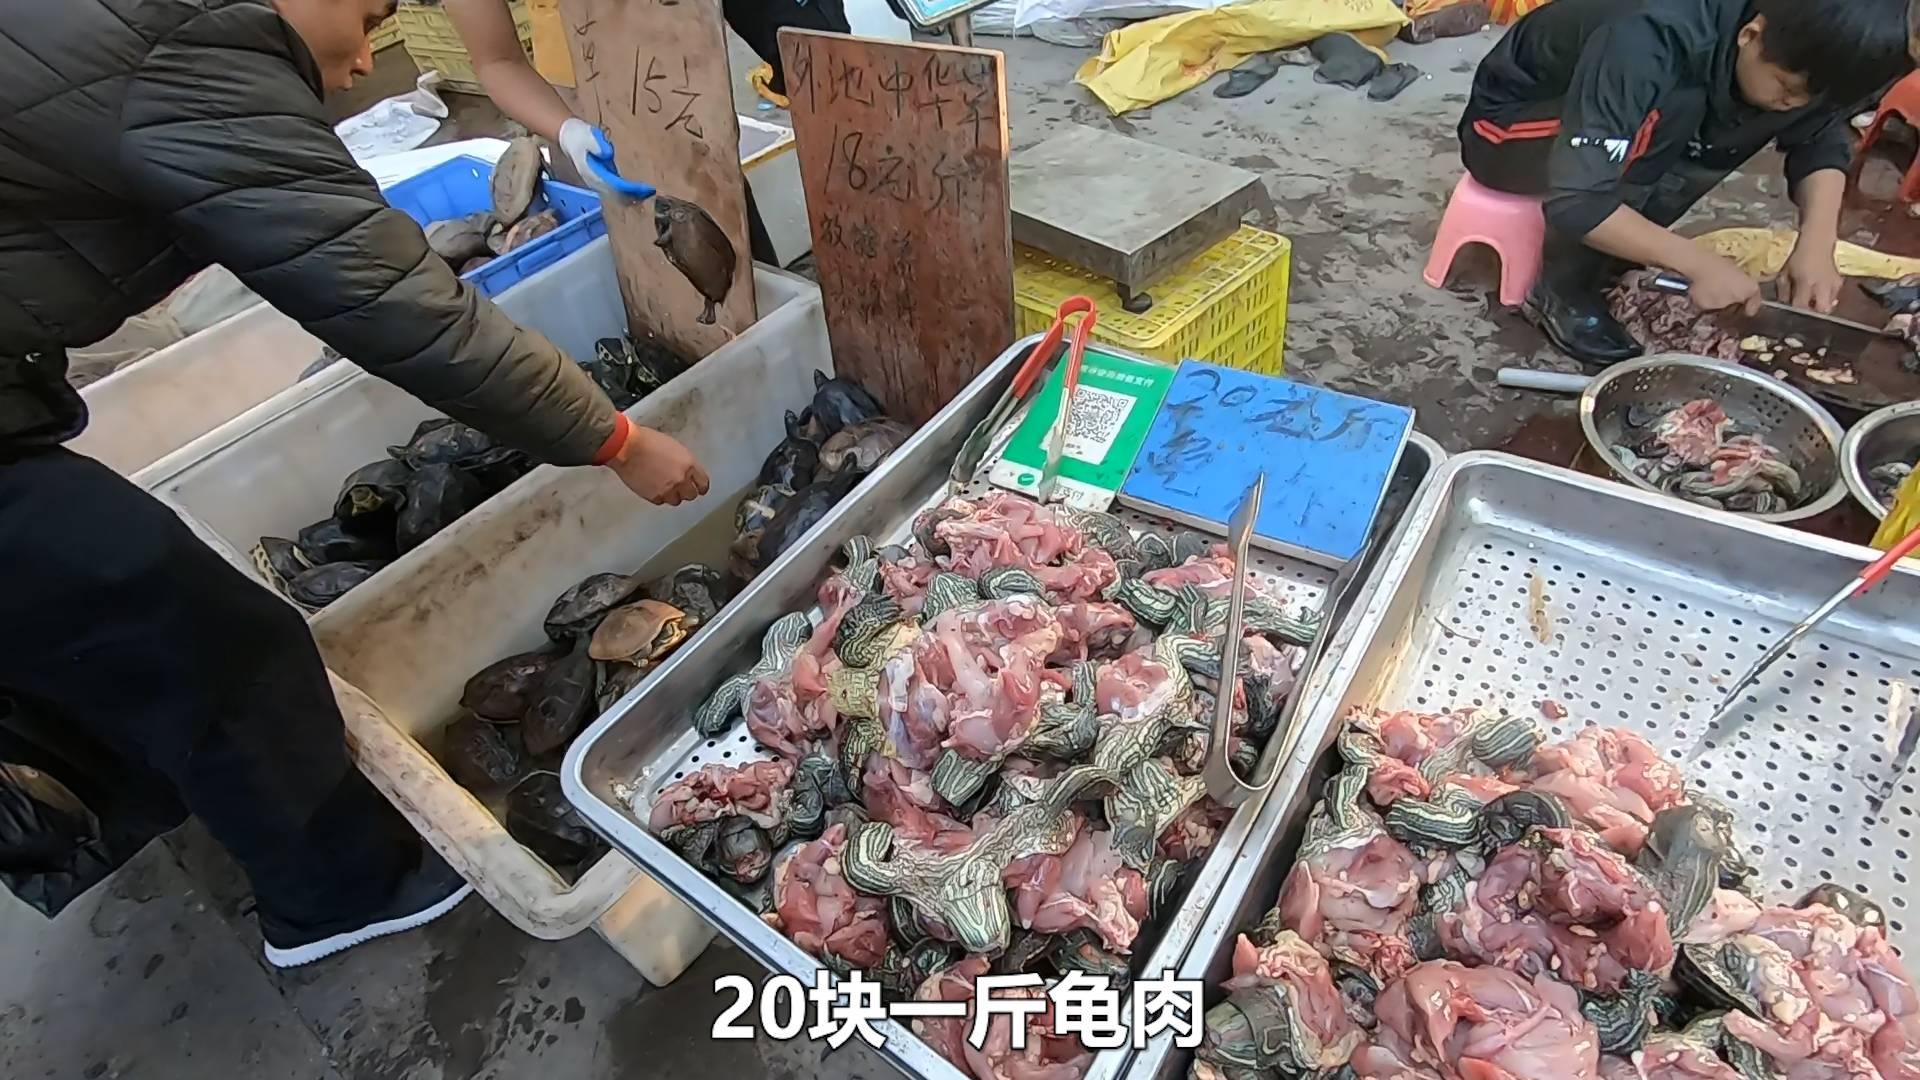 佛山顺德买乌龟,乌龟的肉和龟甲可以分开卖,20一斤龟肉?